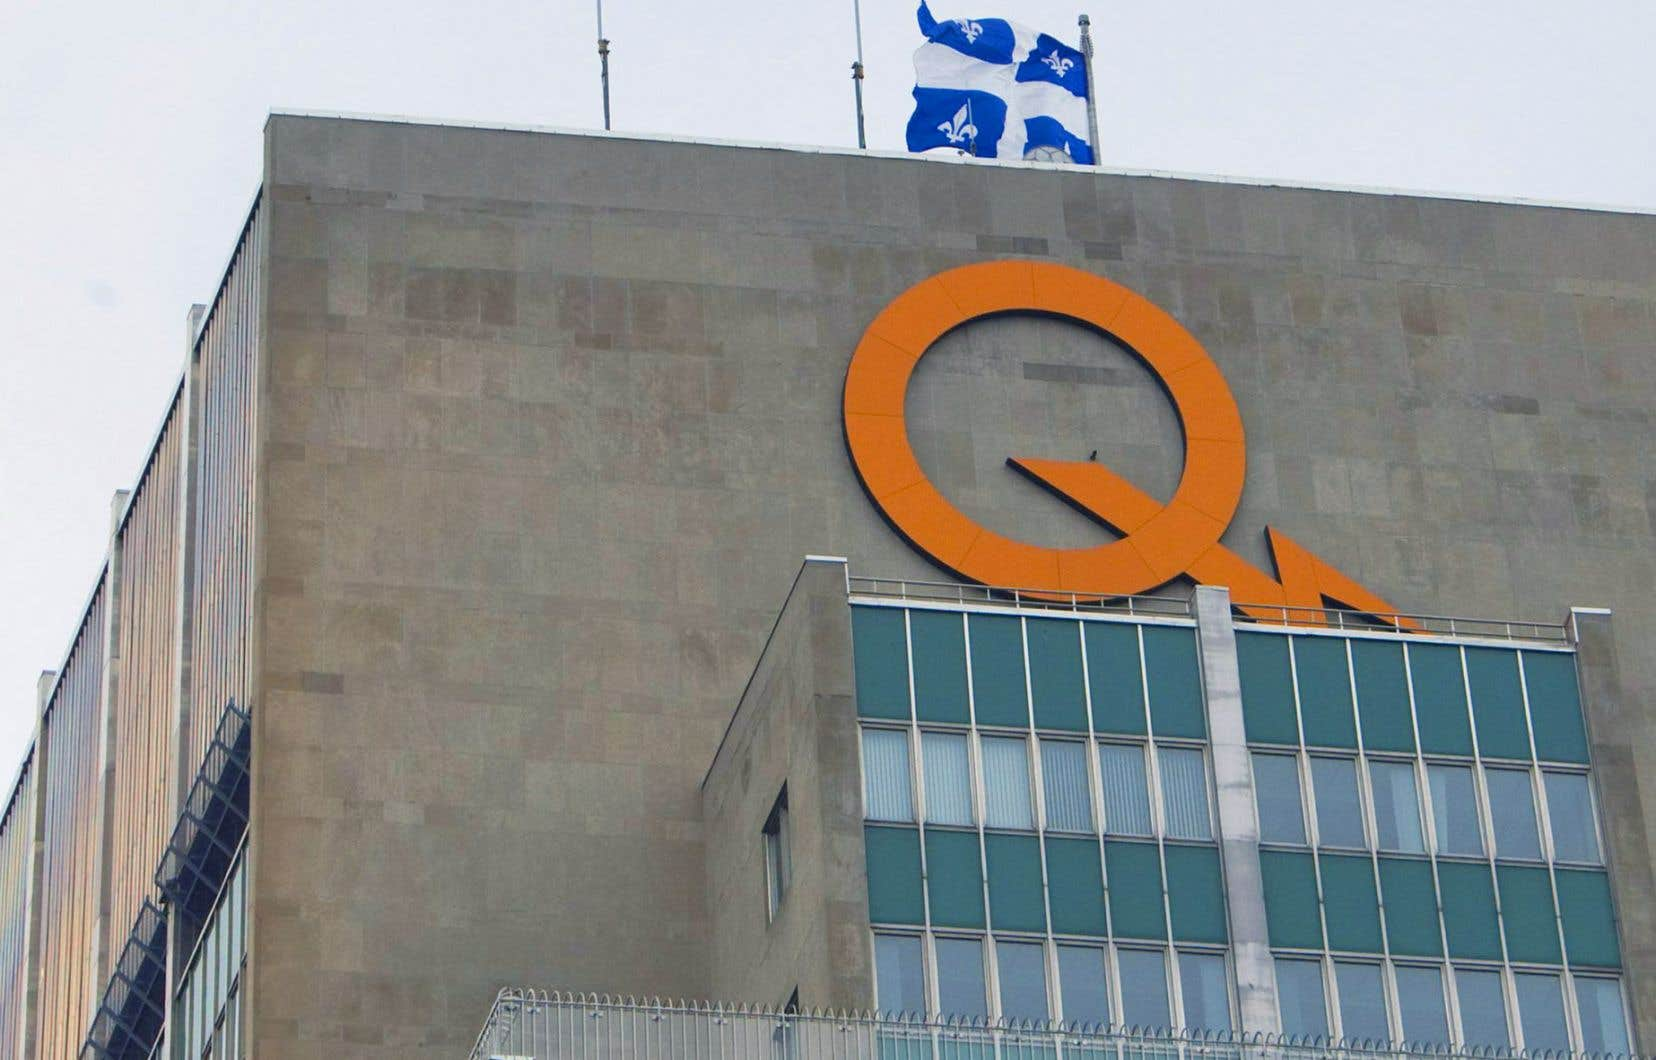 Pour la période de neuf mois terminée le 30 septembre 2017, Hydro-Québec a inscrit un bénéfice net de 2,2 milliards, soit un résultat comparable à celui de 2016.